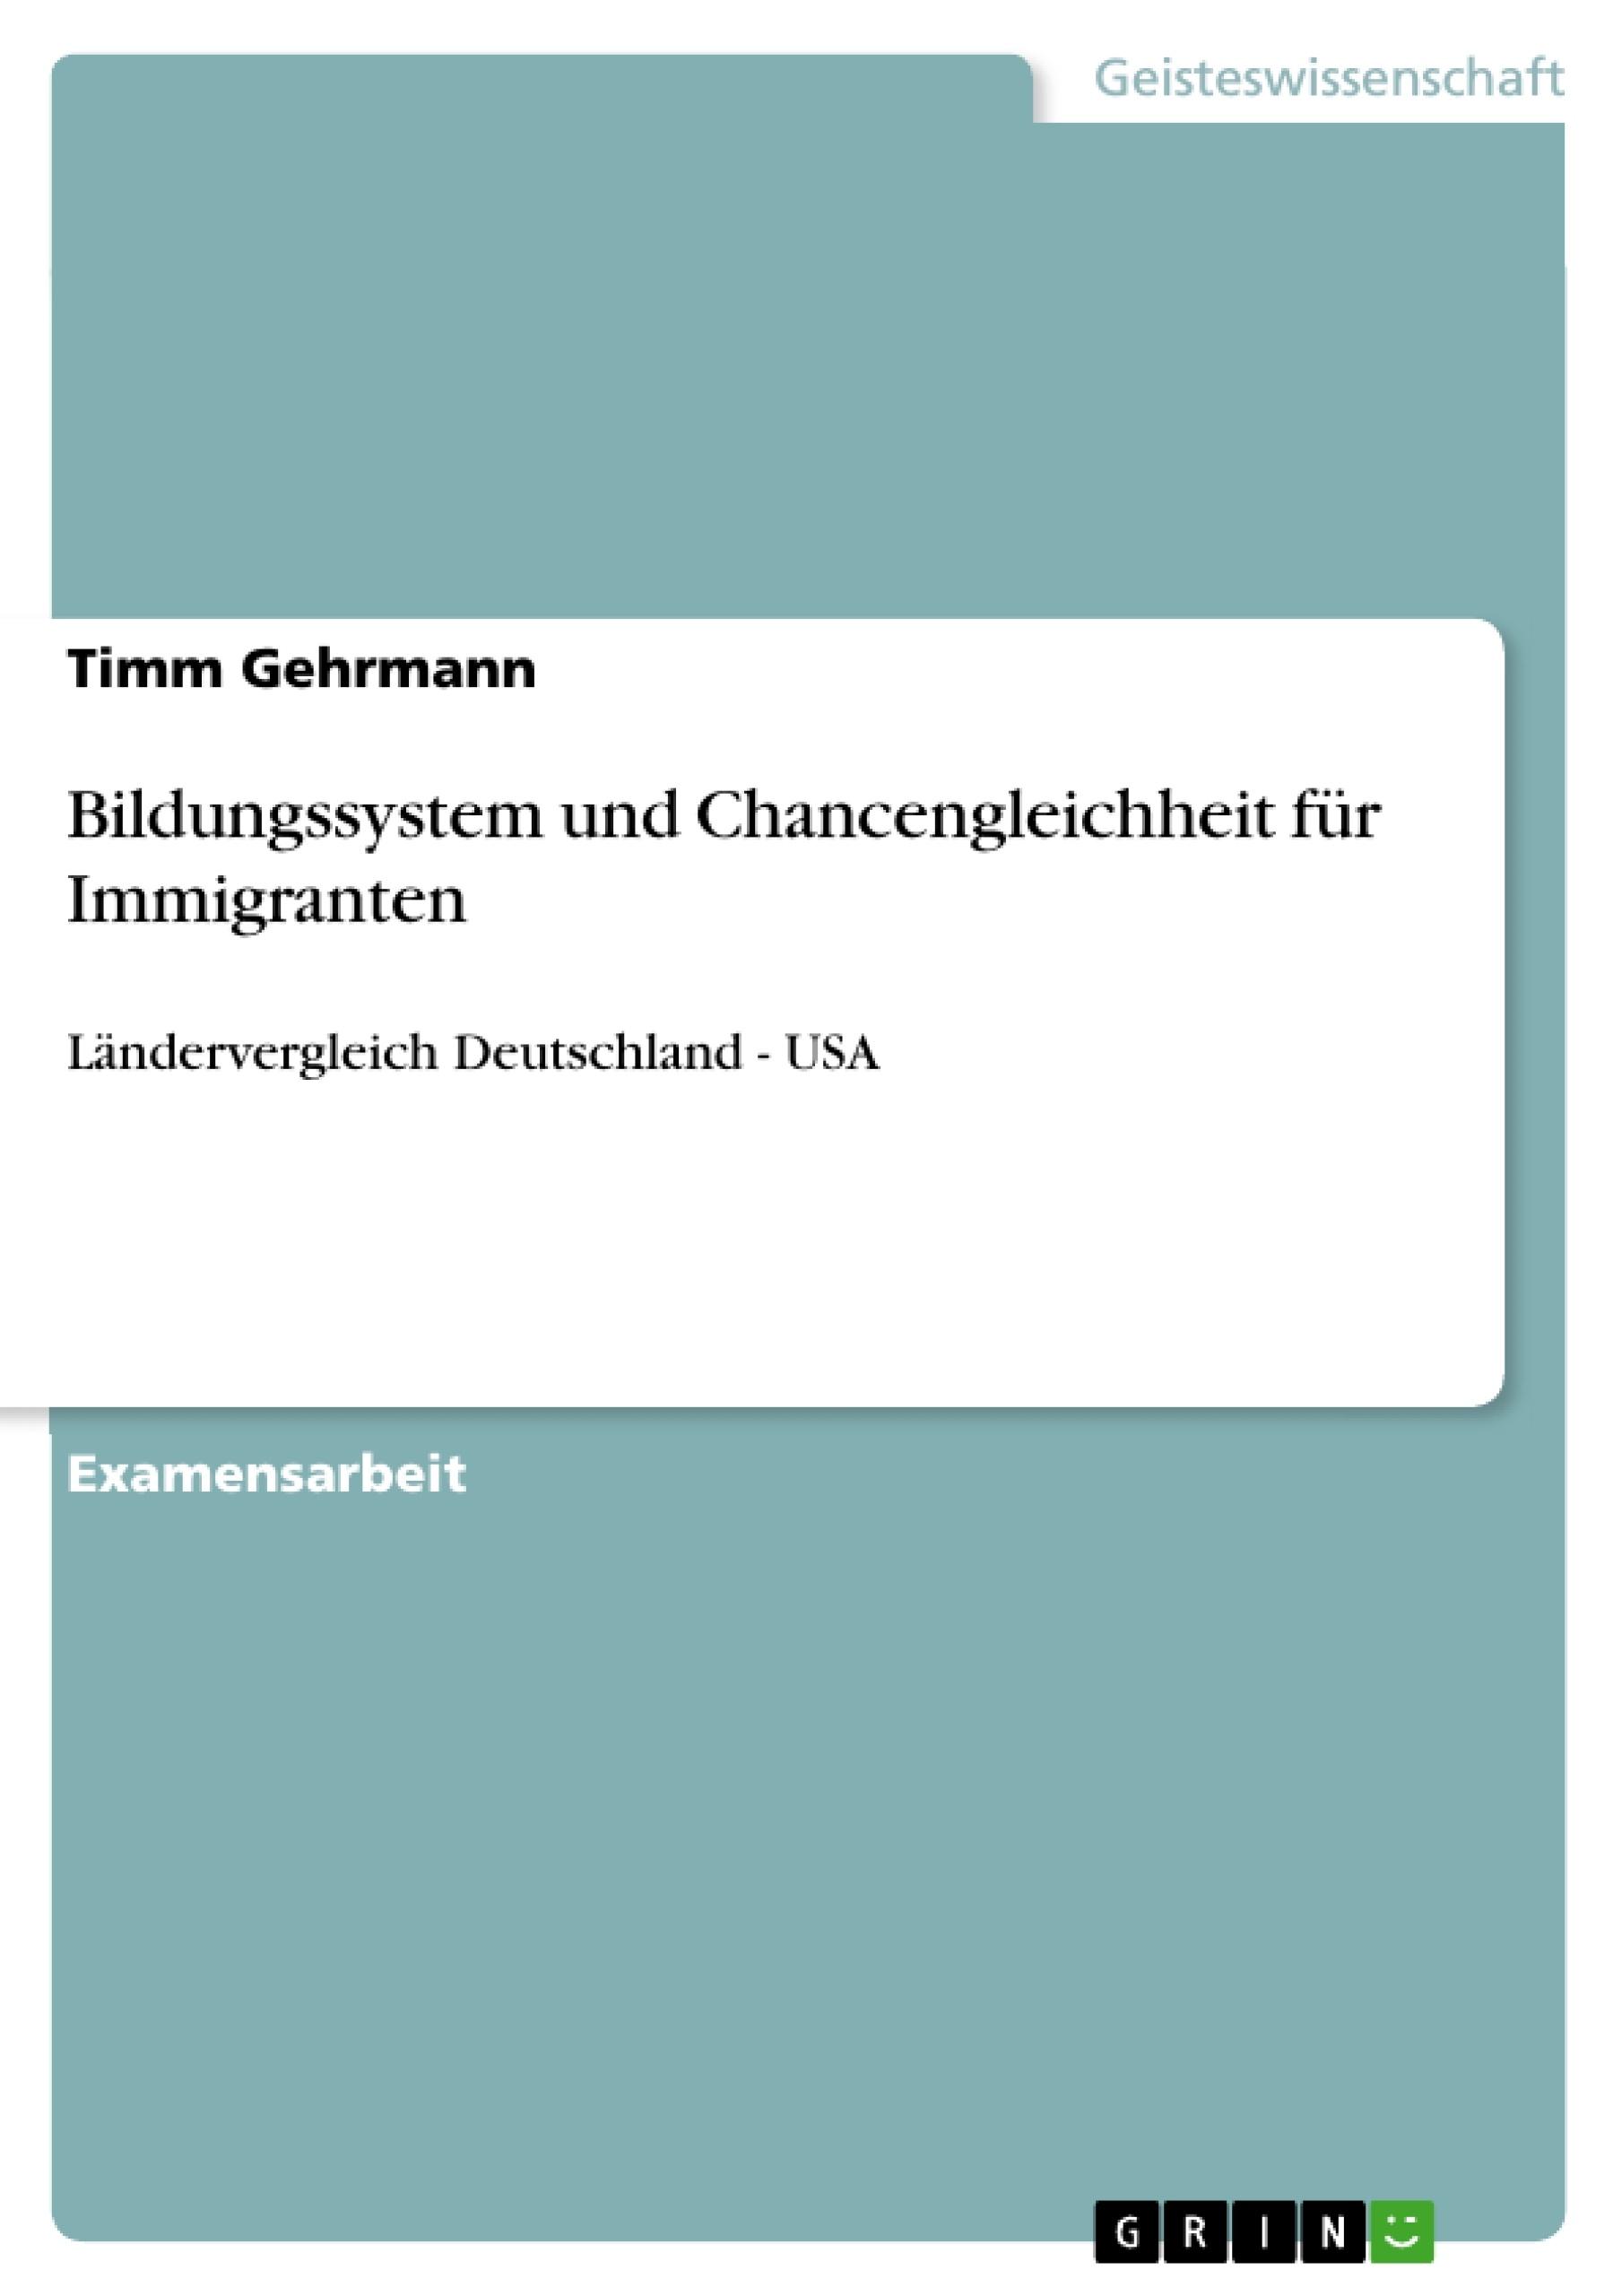 Titel: Bildungssystem und Chancengleichheit für Immigranten